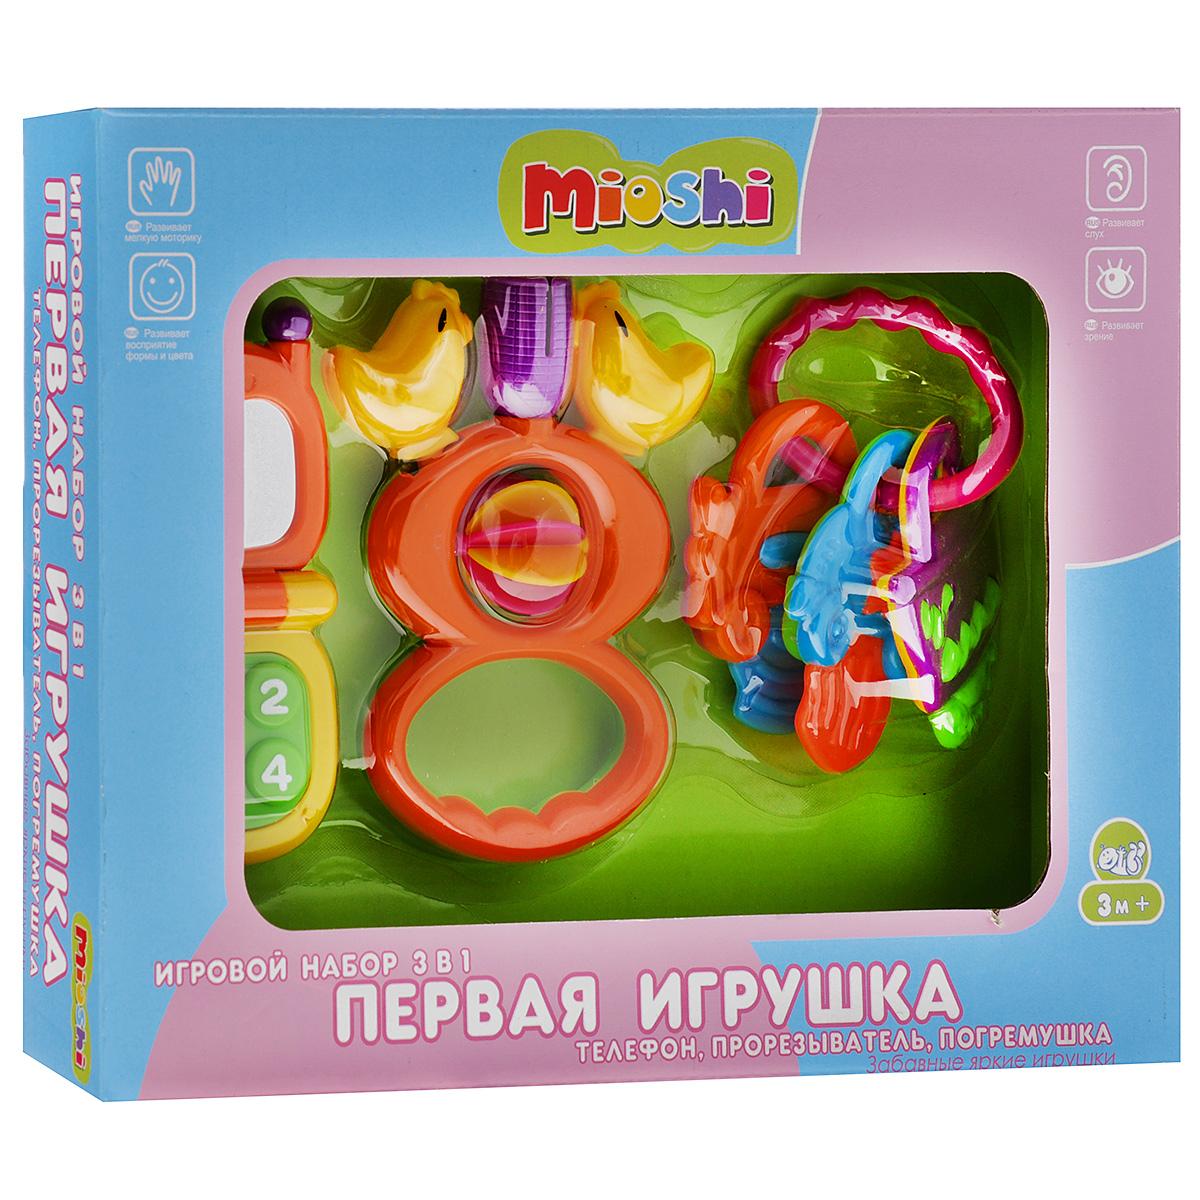 Игровой набор Mioshi Первая игрушка: телефон, прорезыватель, погремушкаTY9045Яркие, интересные, приятные на ощупь телефон и погремушка из набора Первая игрушка станут любимыми игрушками вашей крохи, а прорезыватель будет незаменим с появлением первых зубов. Игрушки из набора способствуют развитию мелкой моторики, восприятия формы и цвета предметов, а также слуха и зрения. Игрушки Mioshi созданы специально для малышей, которые только начинают познавать этот волшебный мир. Дети в раннем возрасте всегда очень любознательны, они тщательно исследуют всё, что попадает им в руки. Заботясь об здоровье и безопасности малышей, Mioshi выпускает только качественную продукцию, которая прошла сертификацию. Уважаемые клиенты! Обращаем ваше внимание на возможные изменения в дизайне некоторых деталей товара. Поставка осуществляется в зависимости от наличия на складе.